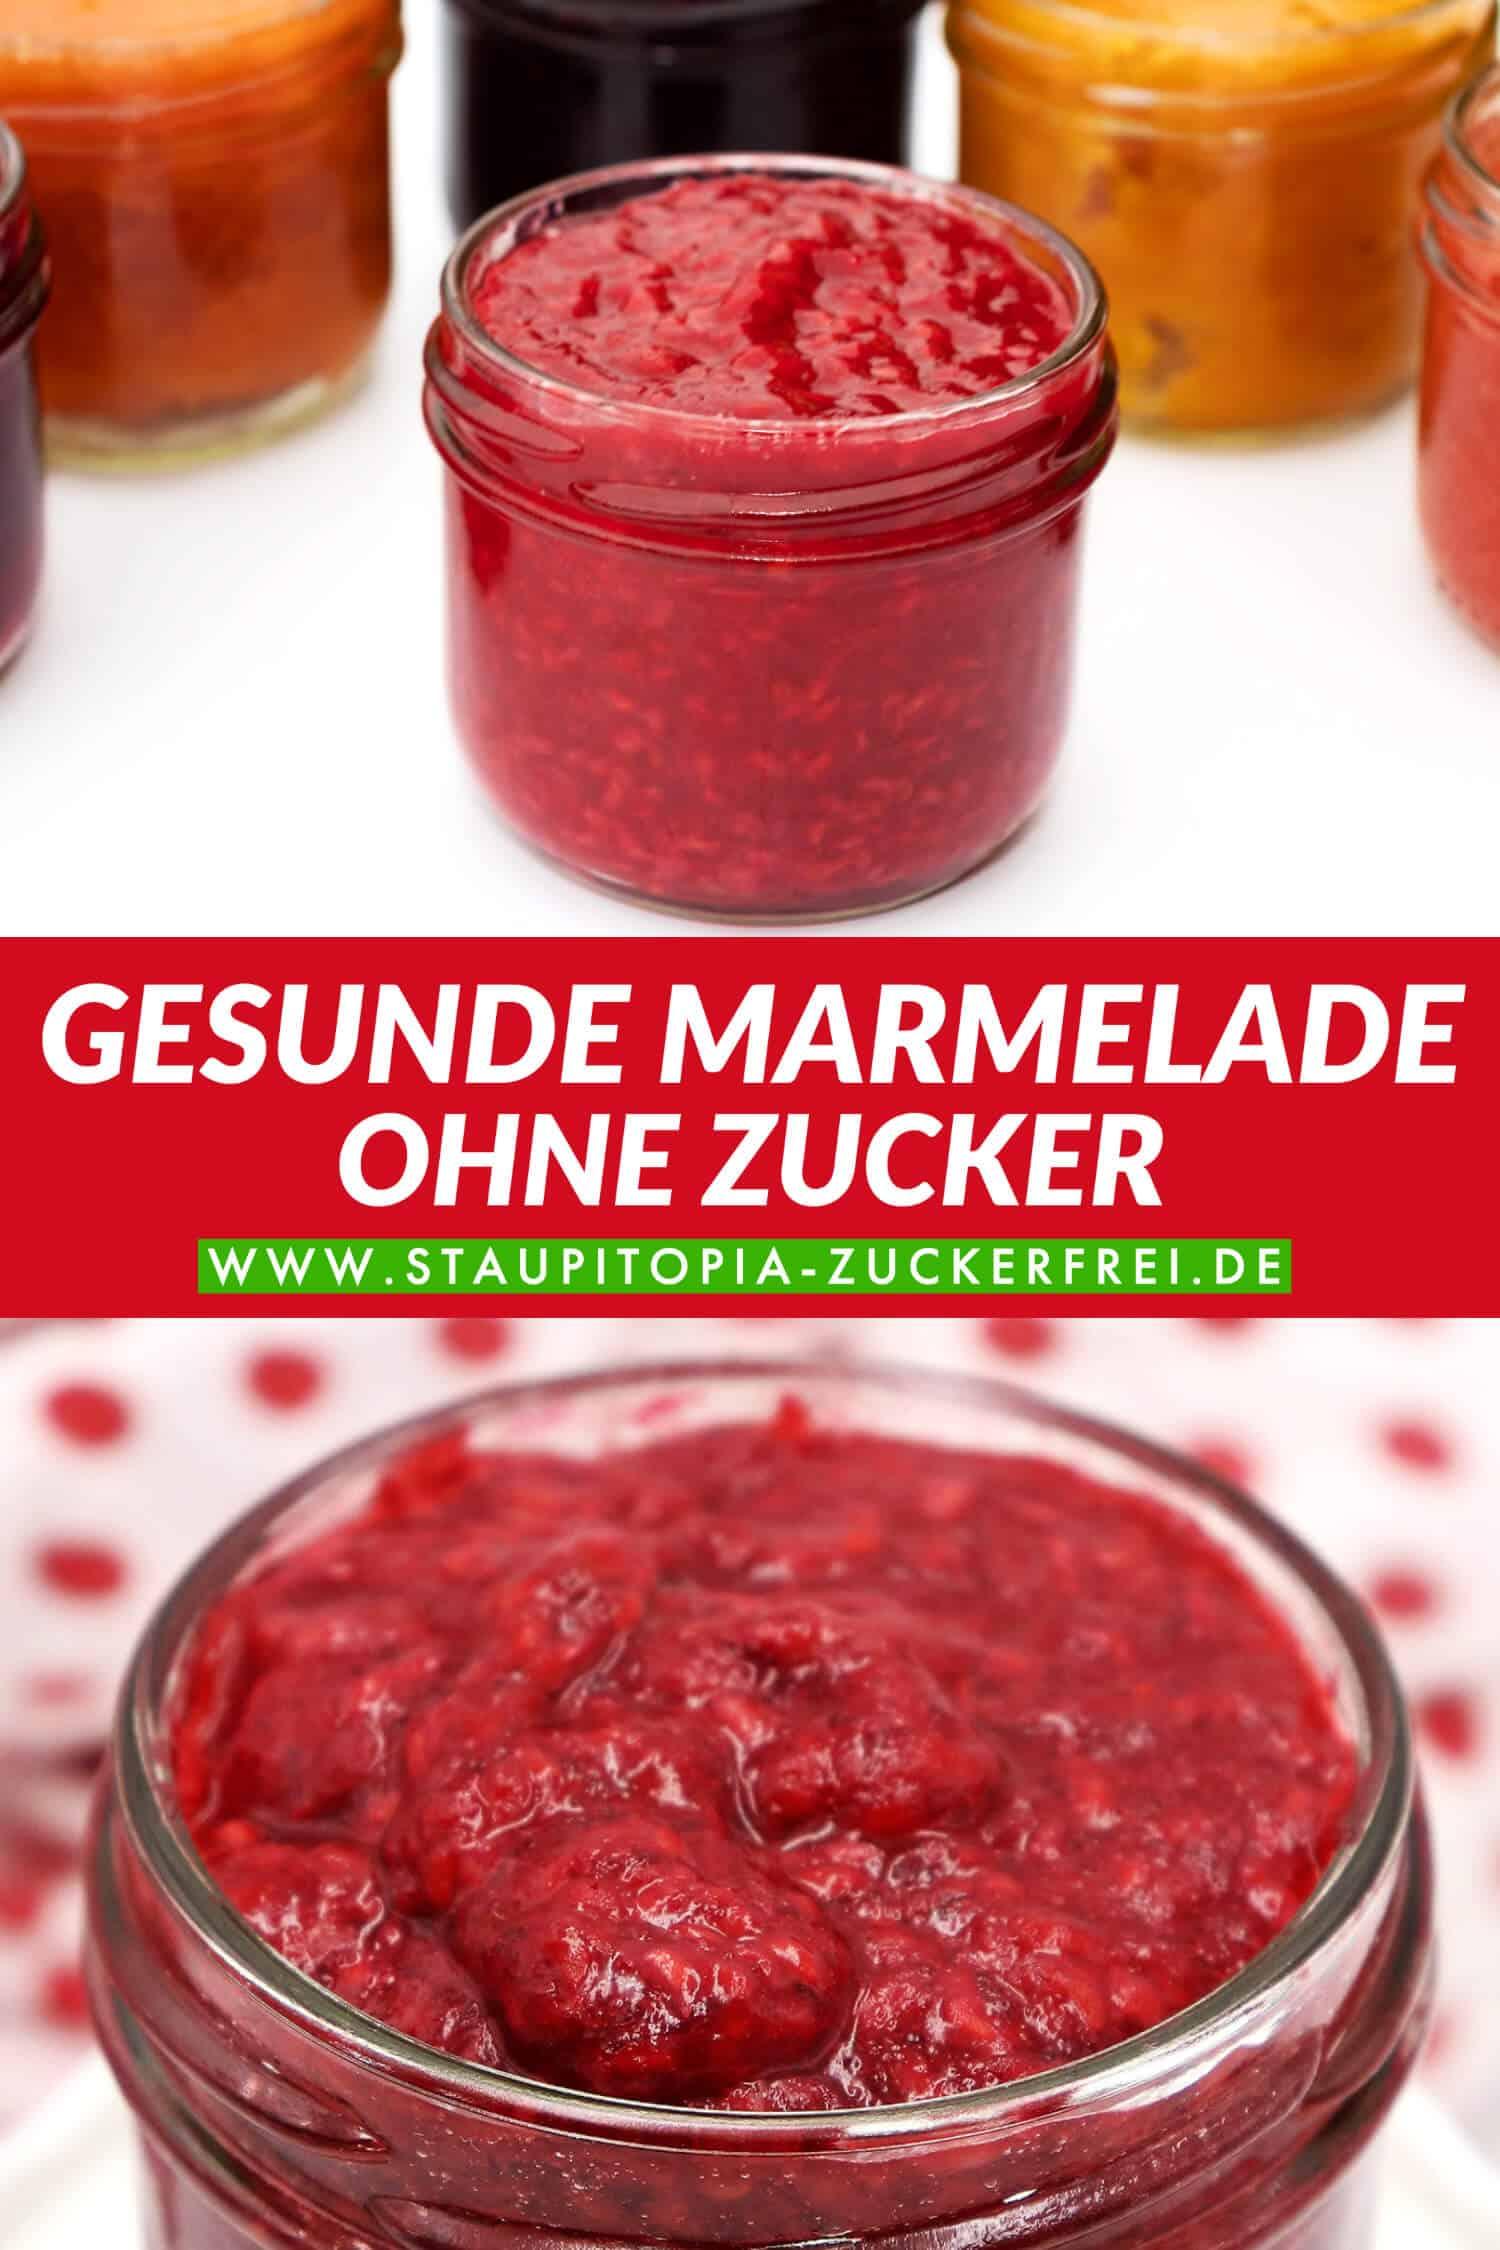 Gesunde Marmelade ohne Zucker | zuckerfrei Backen und Naschen